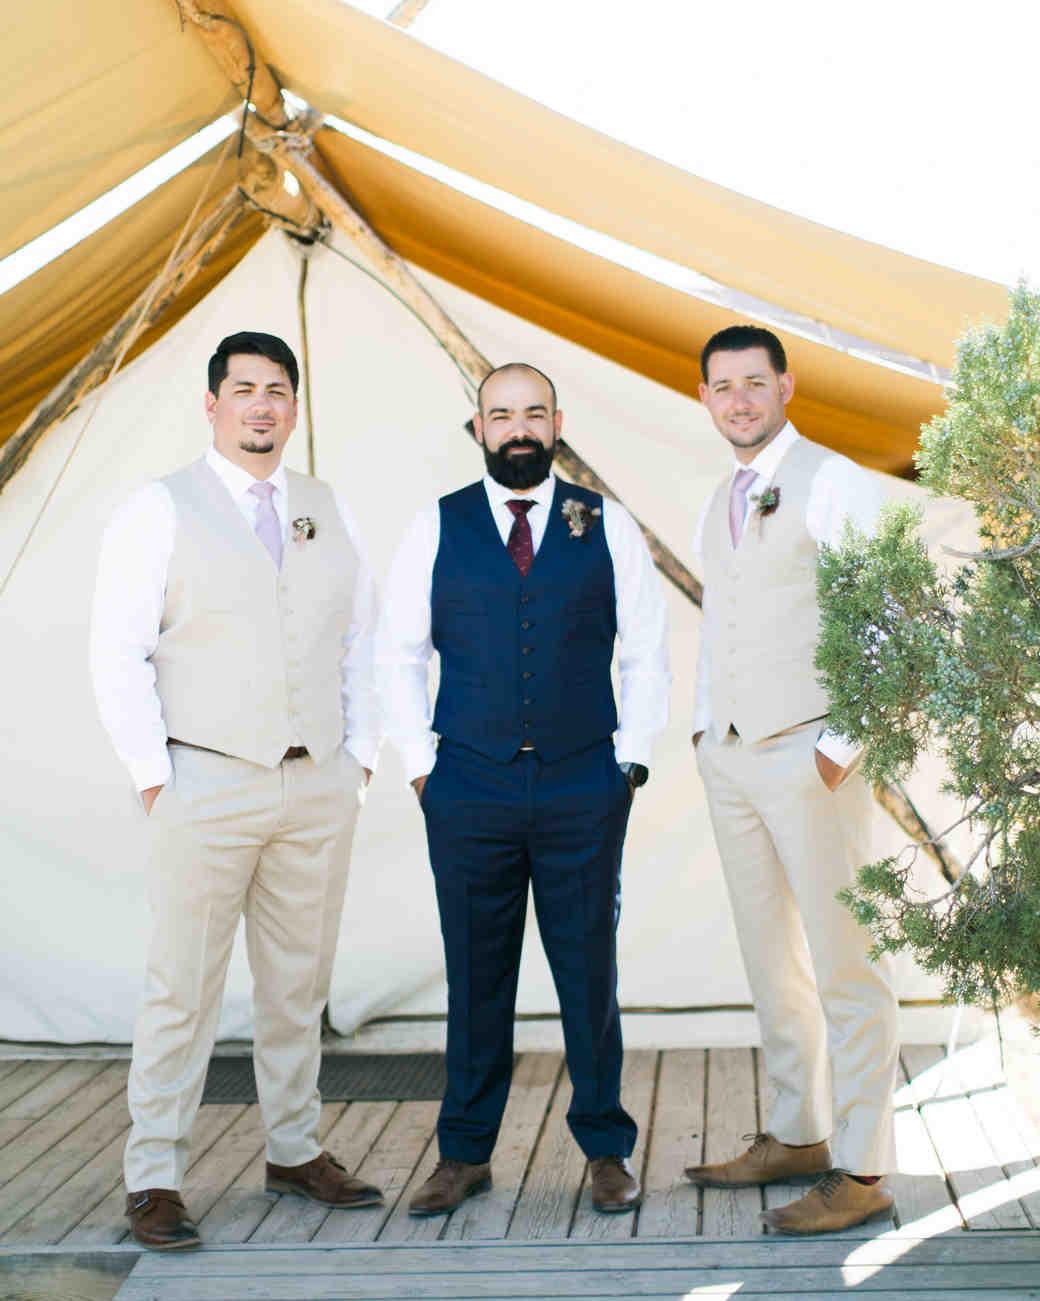 jeanette david wedding desert groom and groomsmen